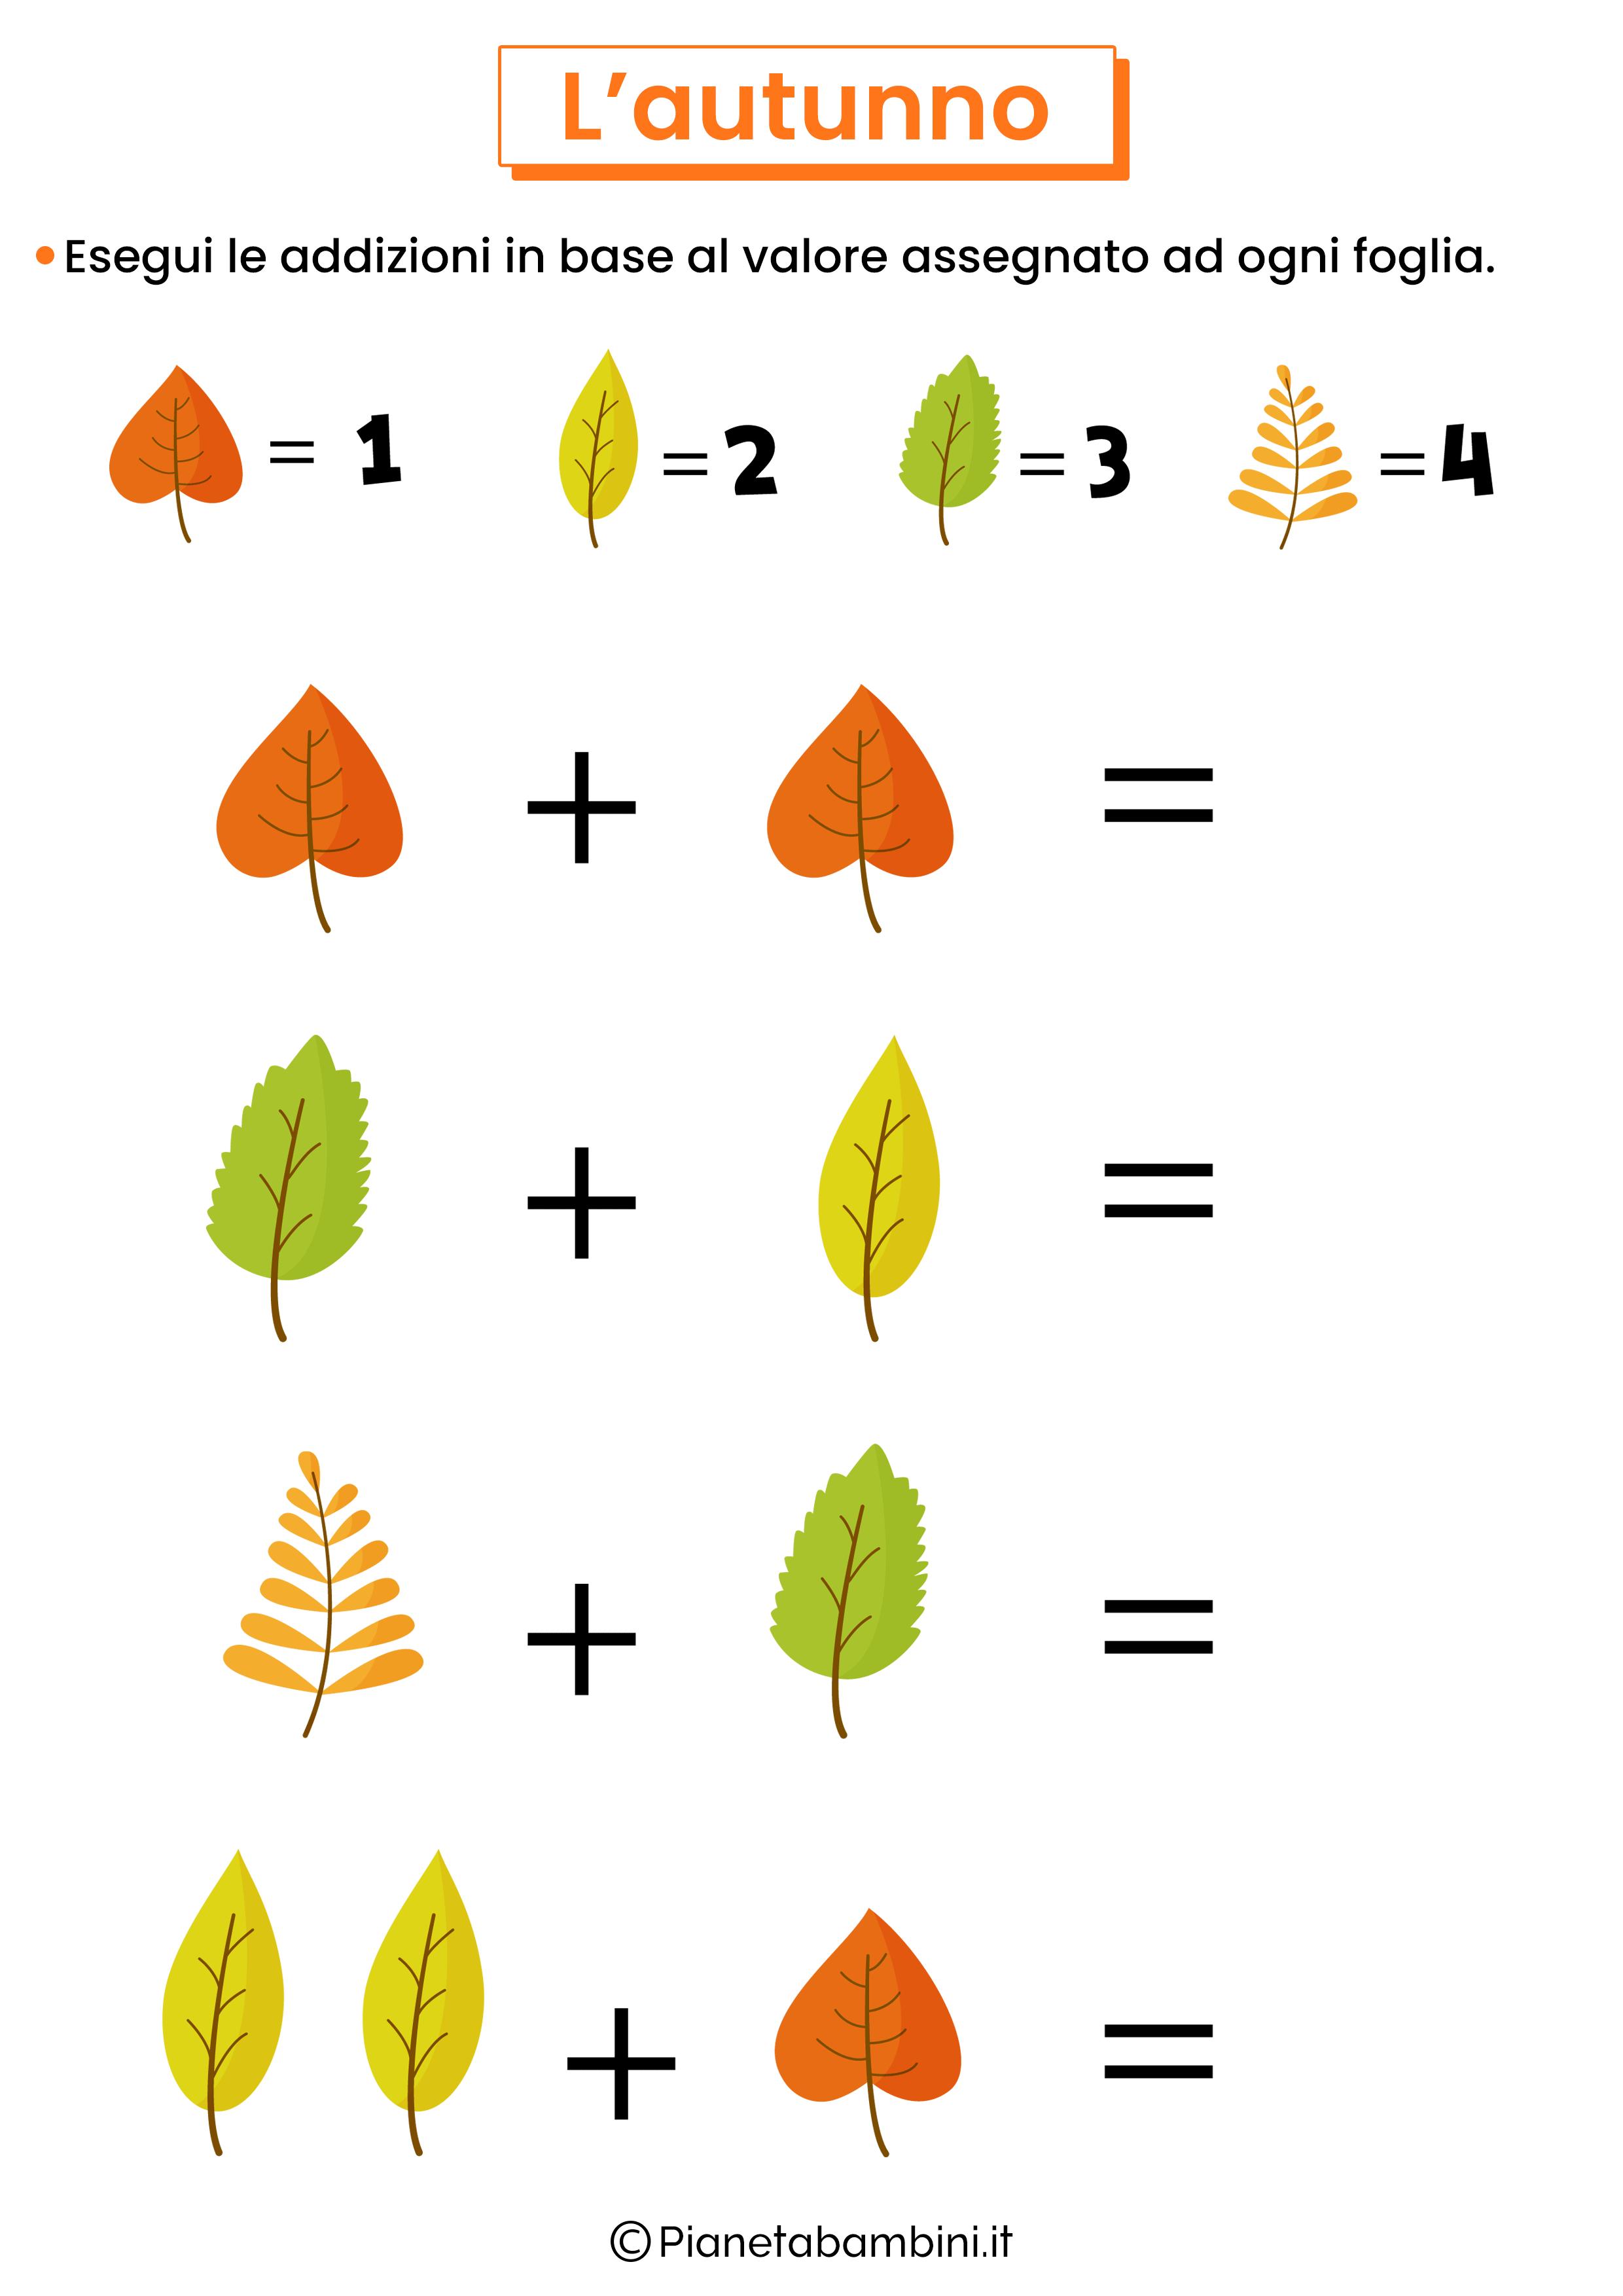 Schede didattiche sull'autunno per la scuola primaria 14